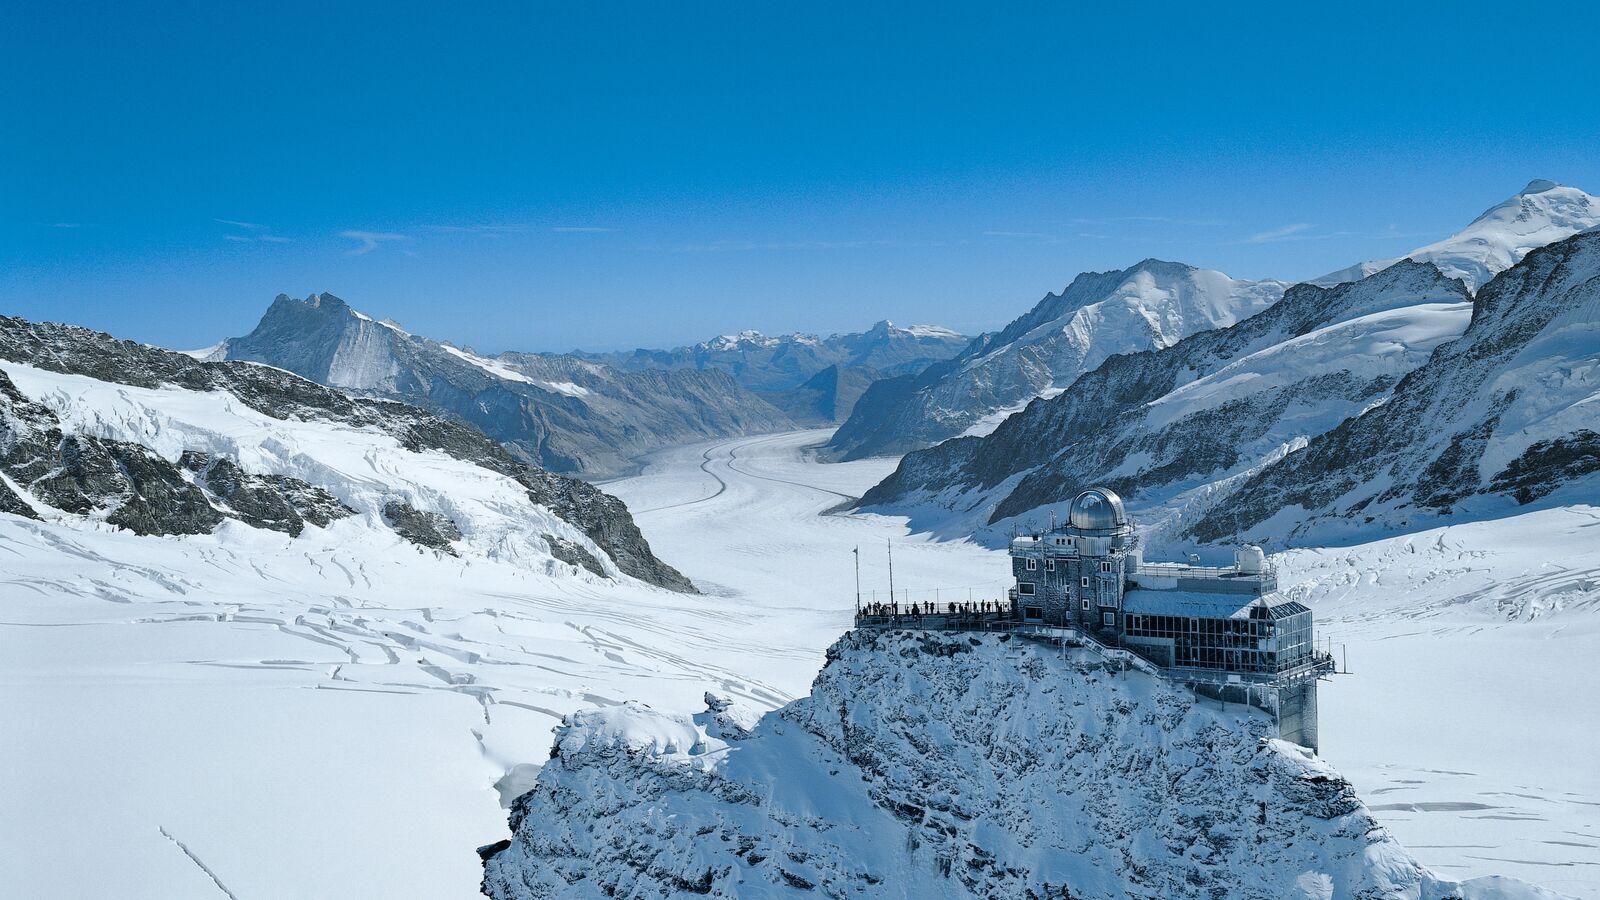 Sphinx Jungfraujoch